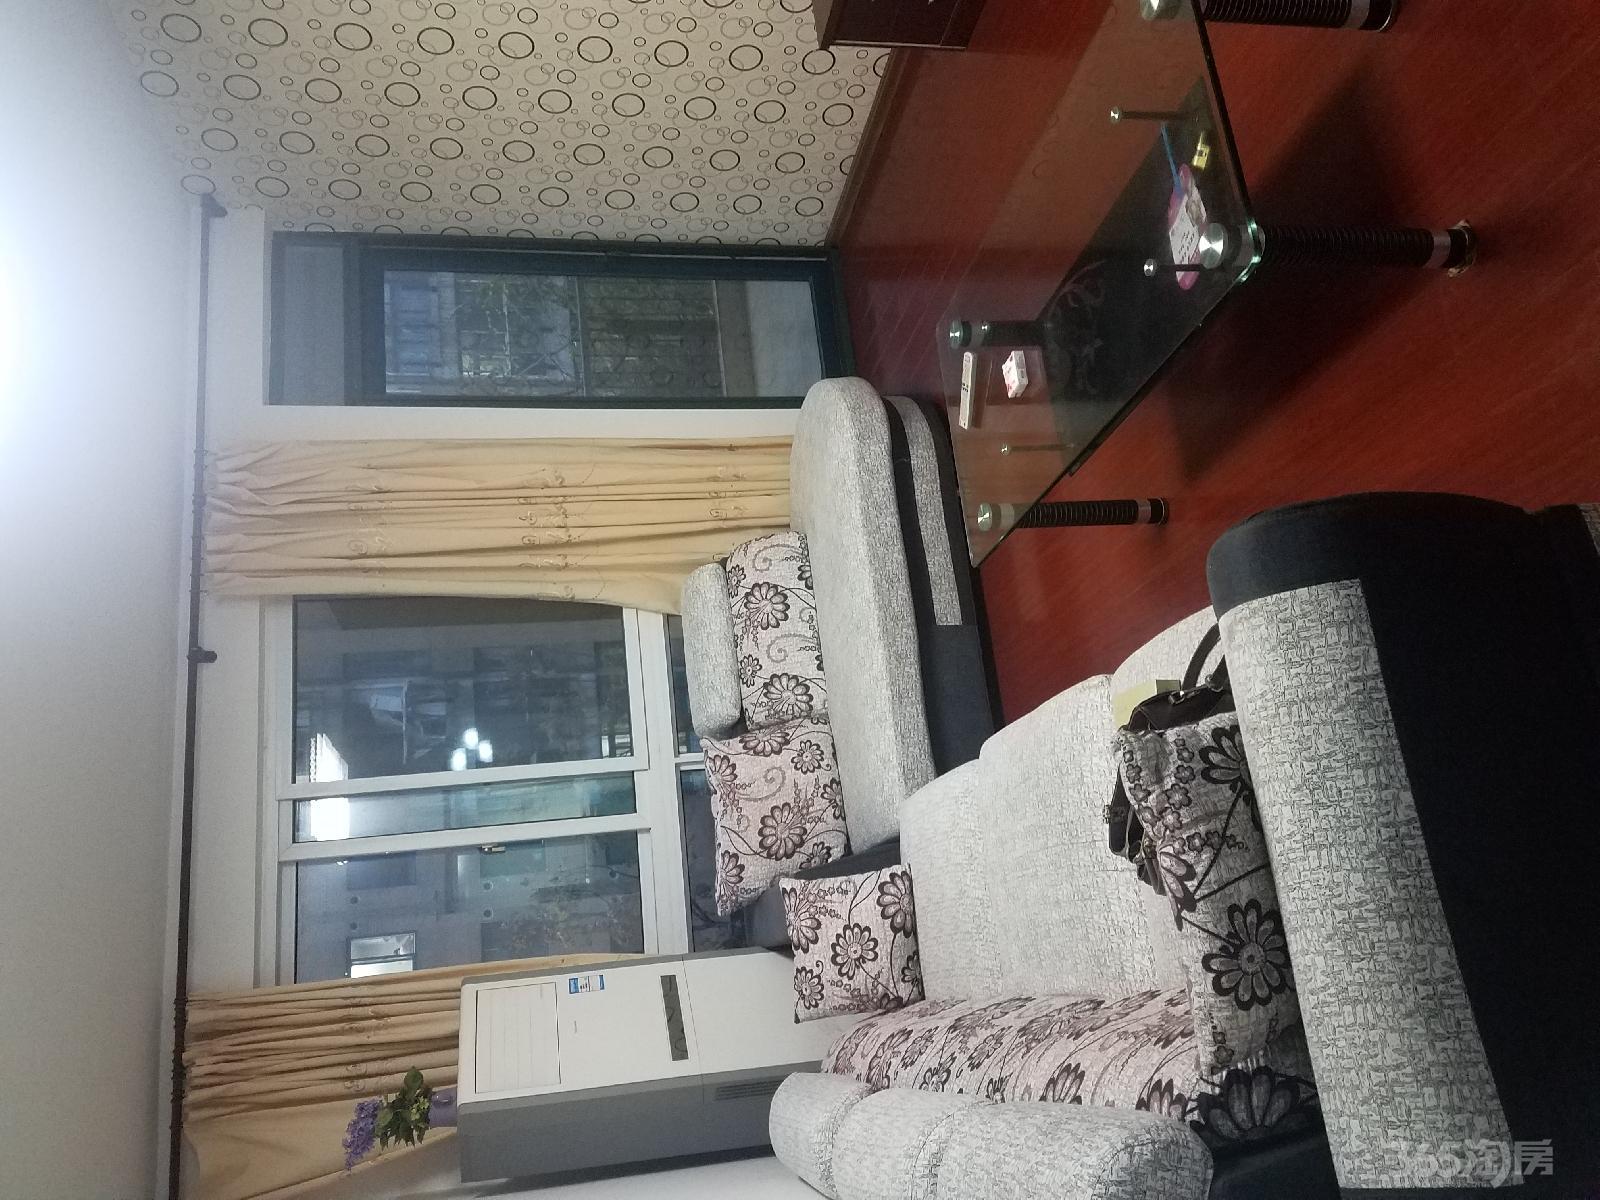 伟星凤凰城中岛茉莉苑3室 2厅 1卫106平方米2000元/月